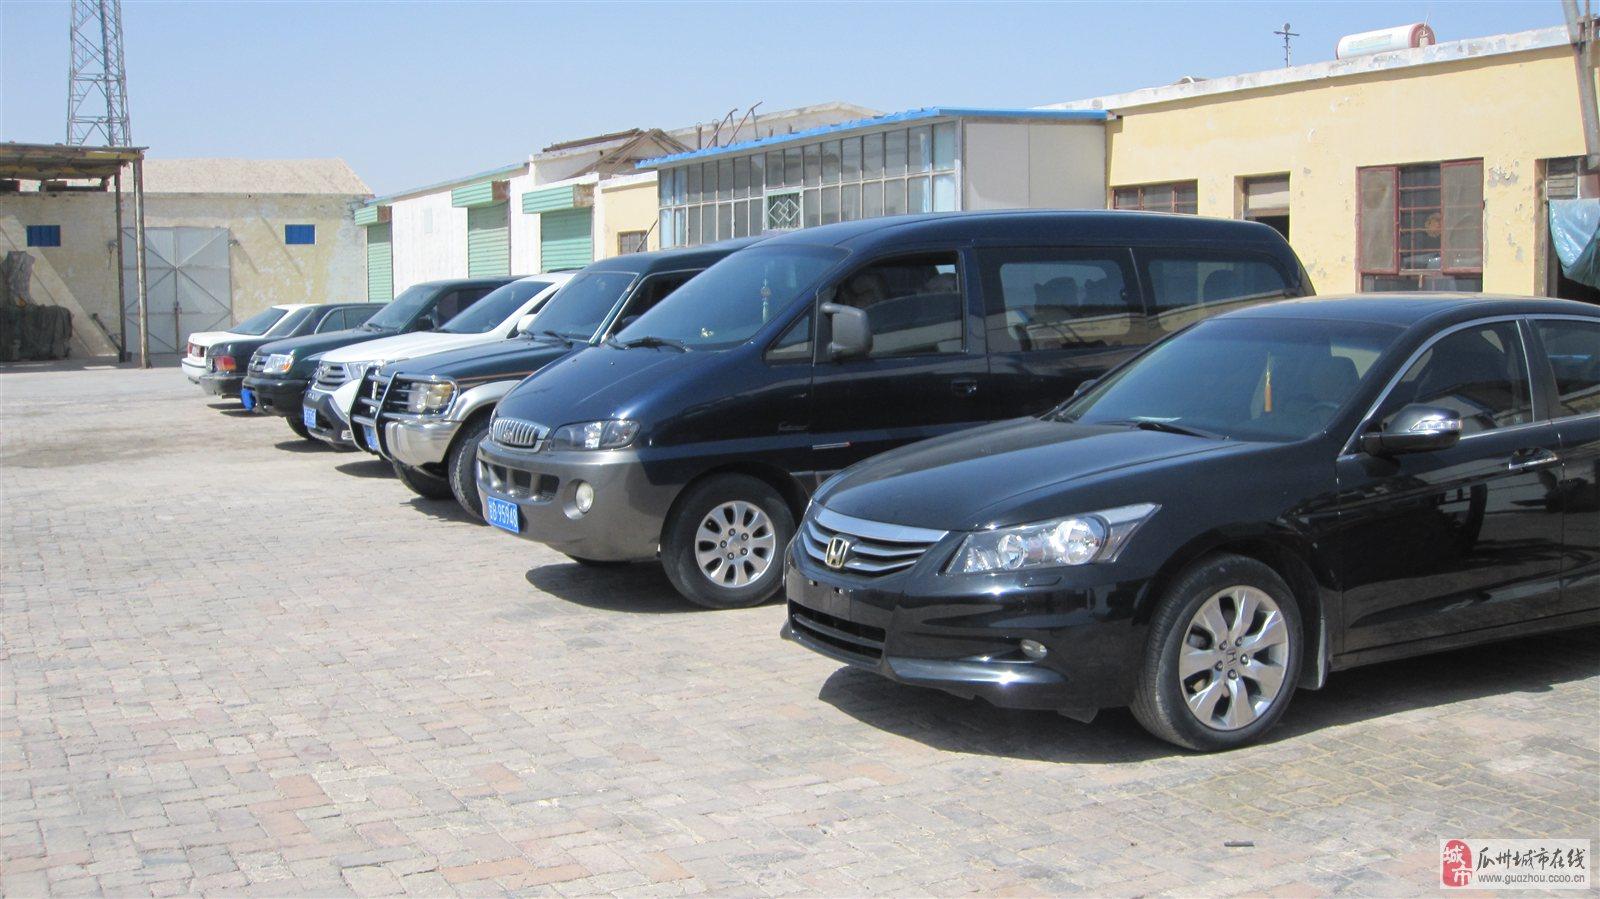 本公司出租各种轿车、越野车、商务车、皮卡车。